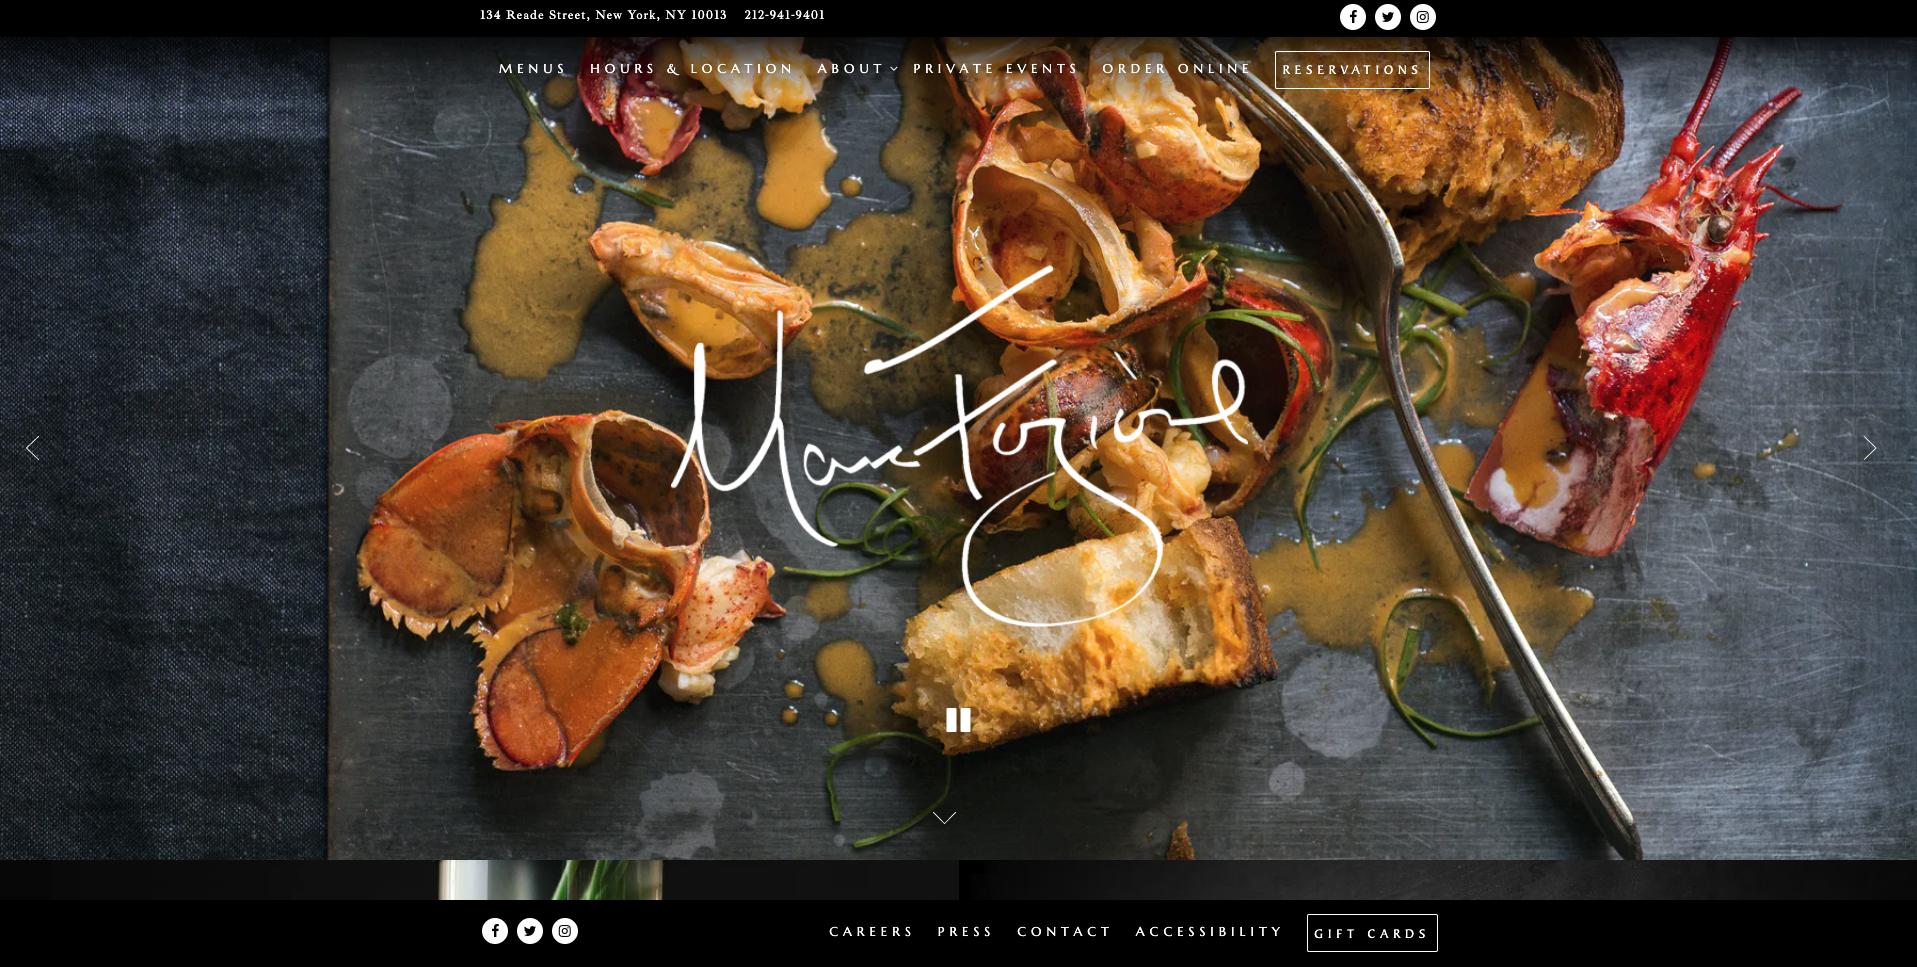 Marc Forgione website screenshot